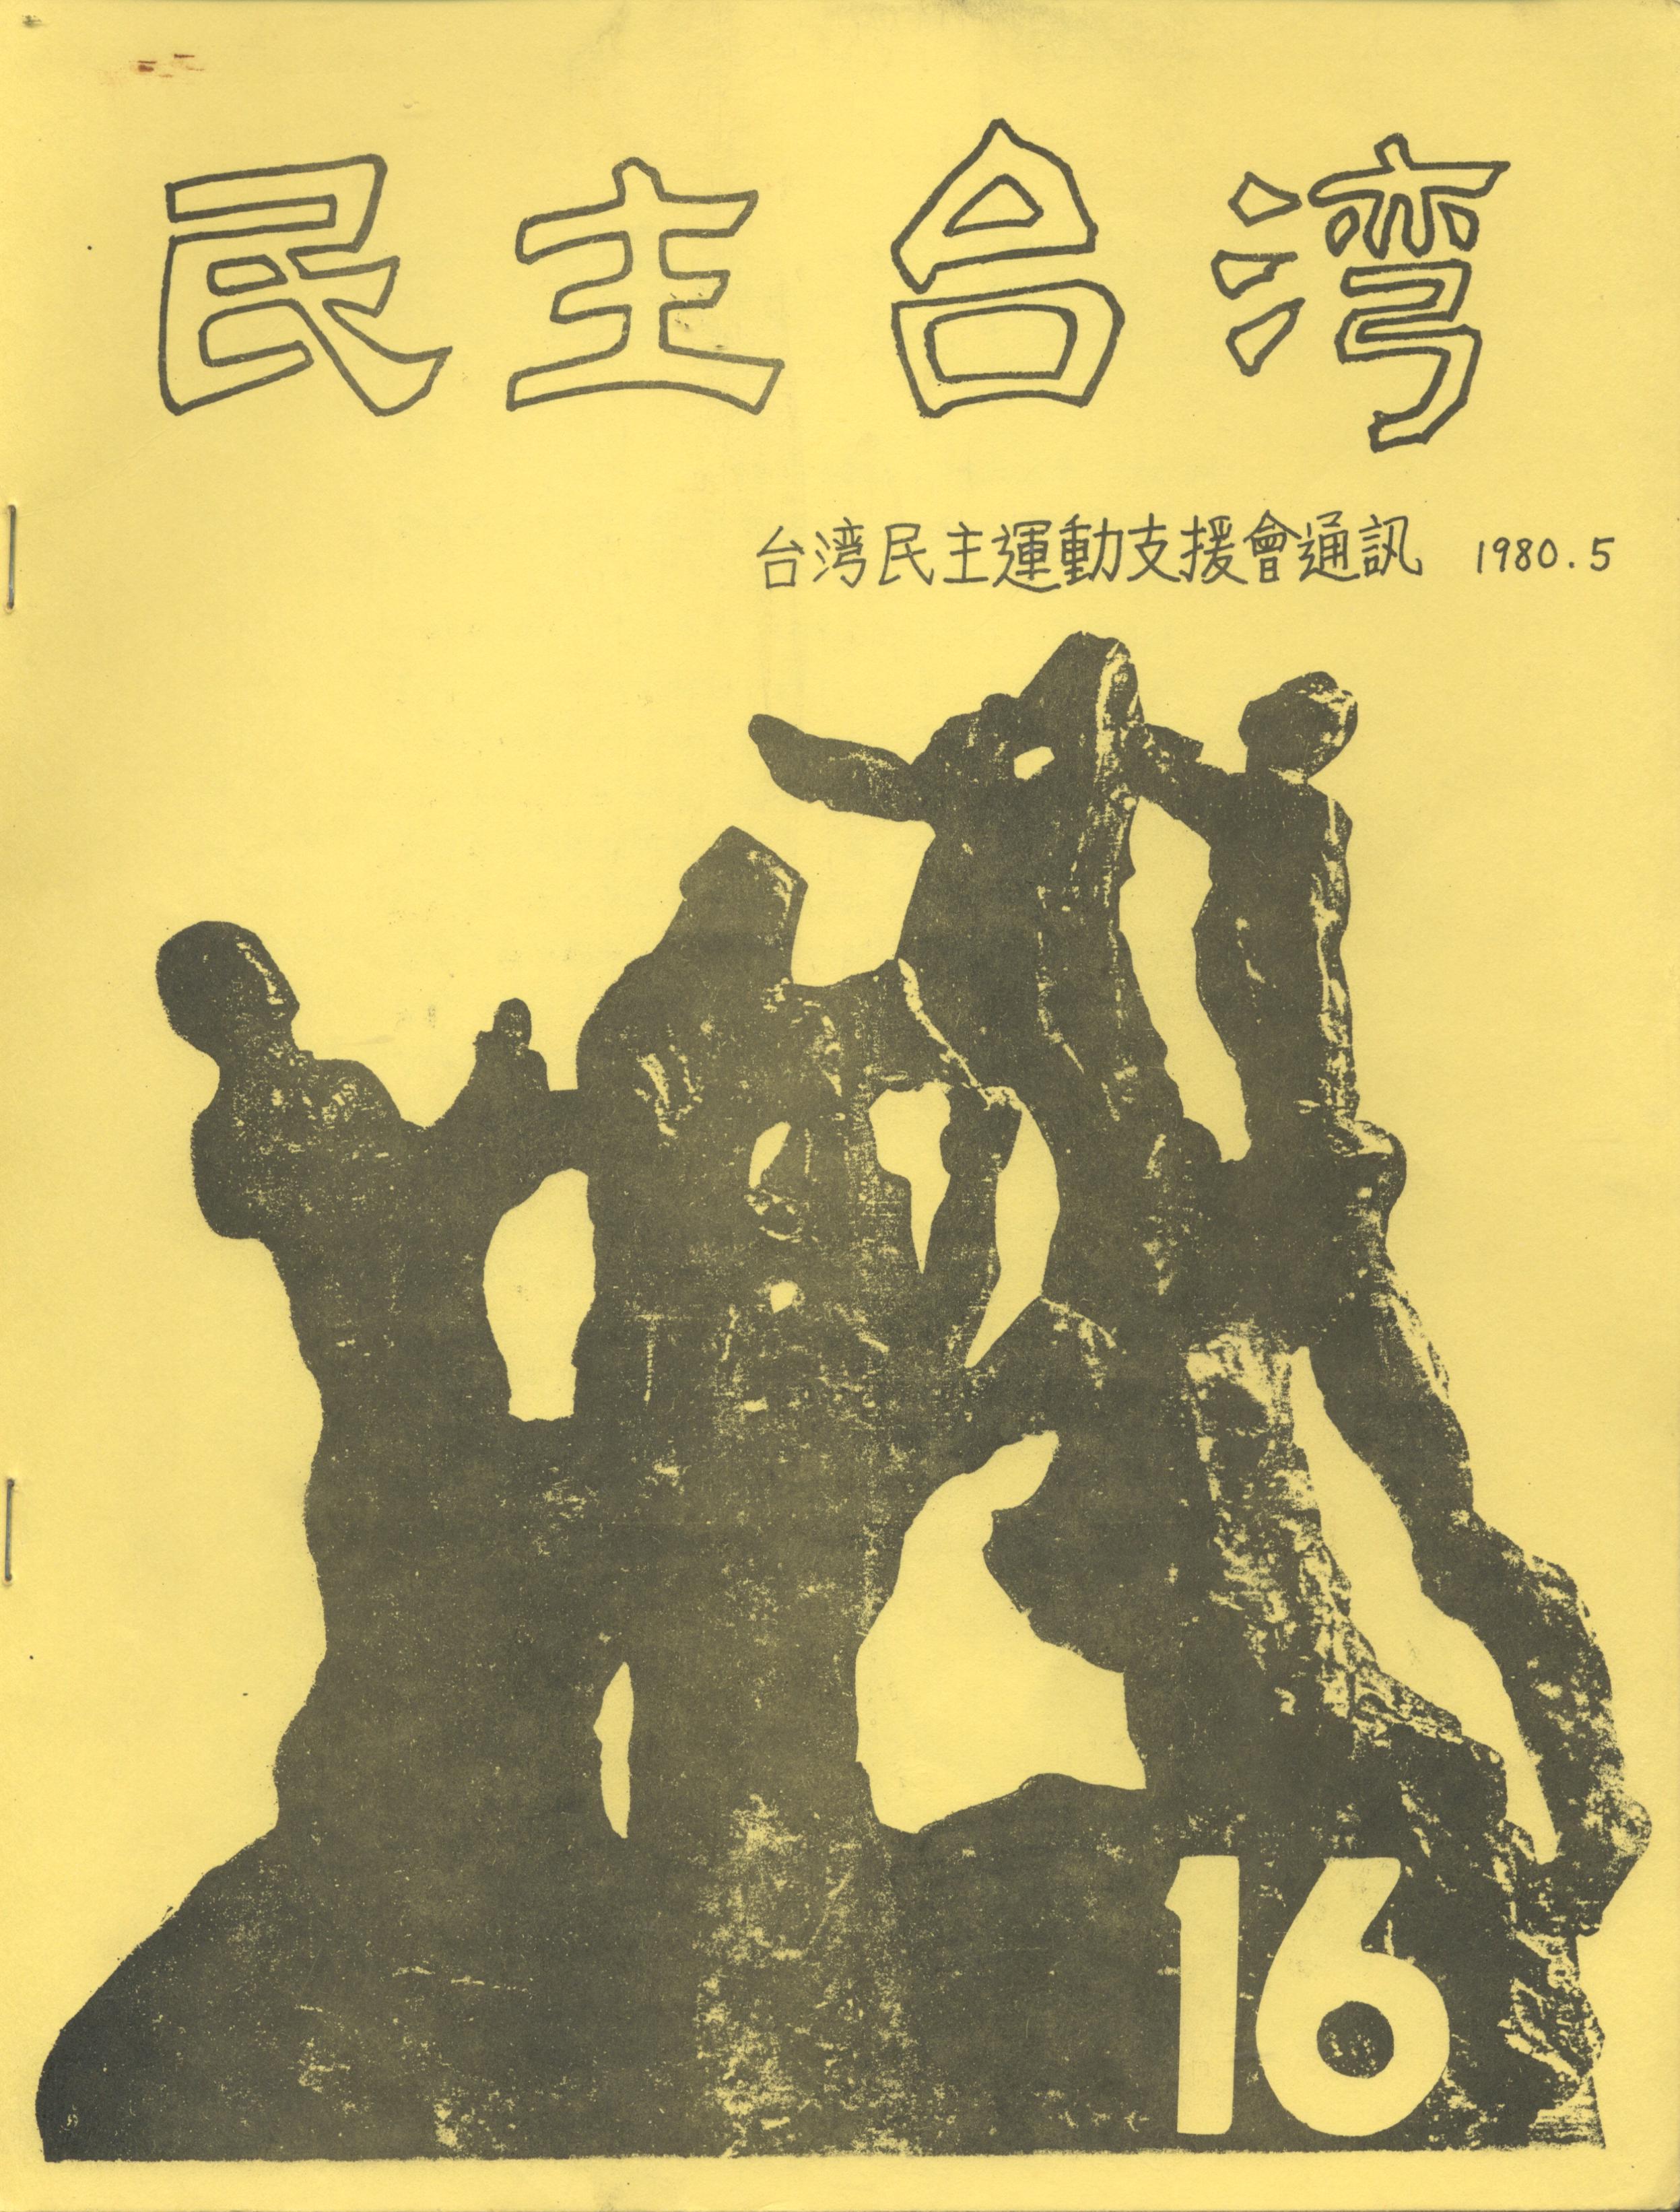 台灣民主運動支援會-1